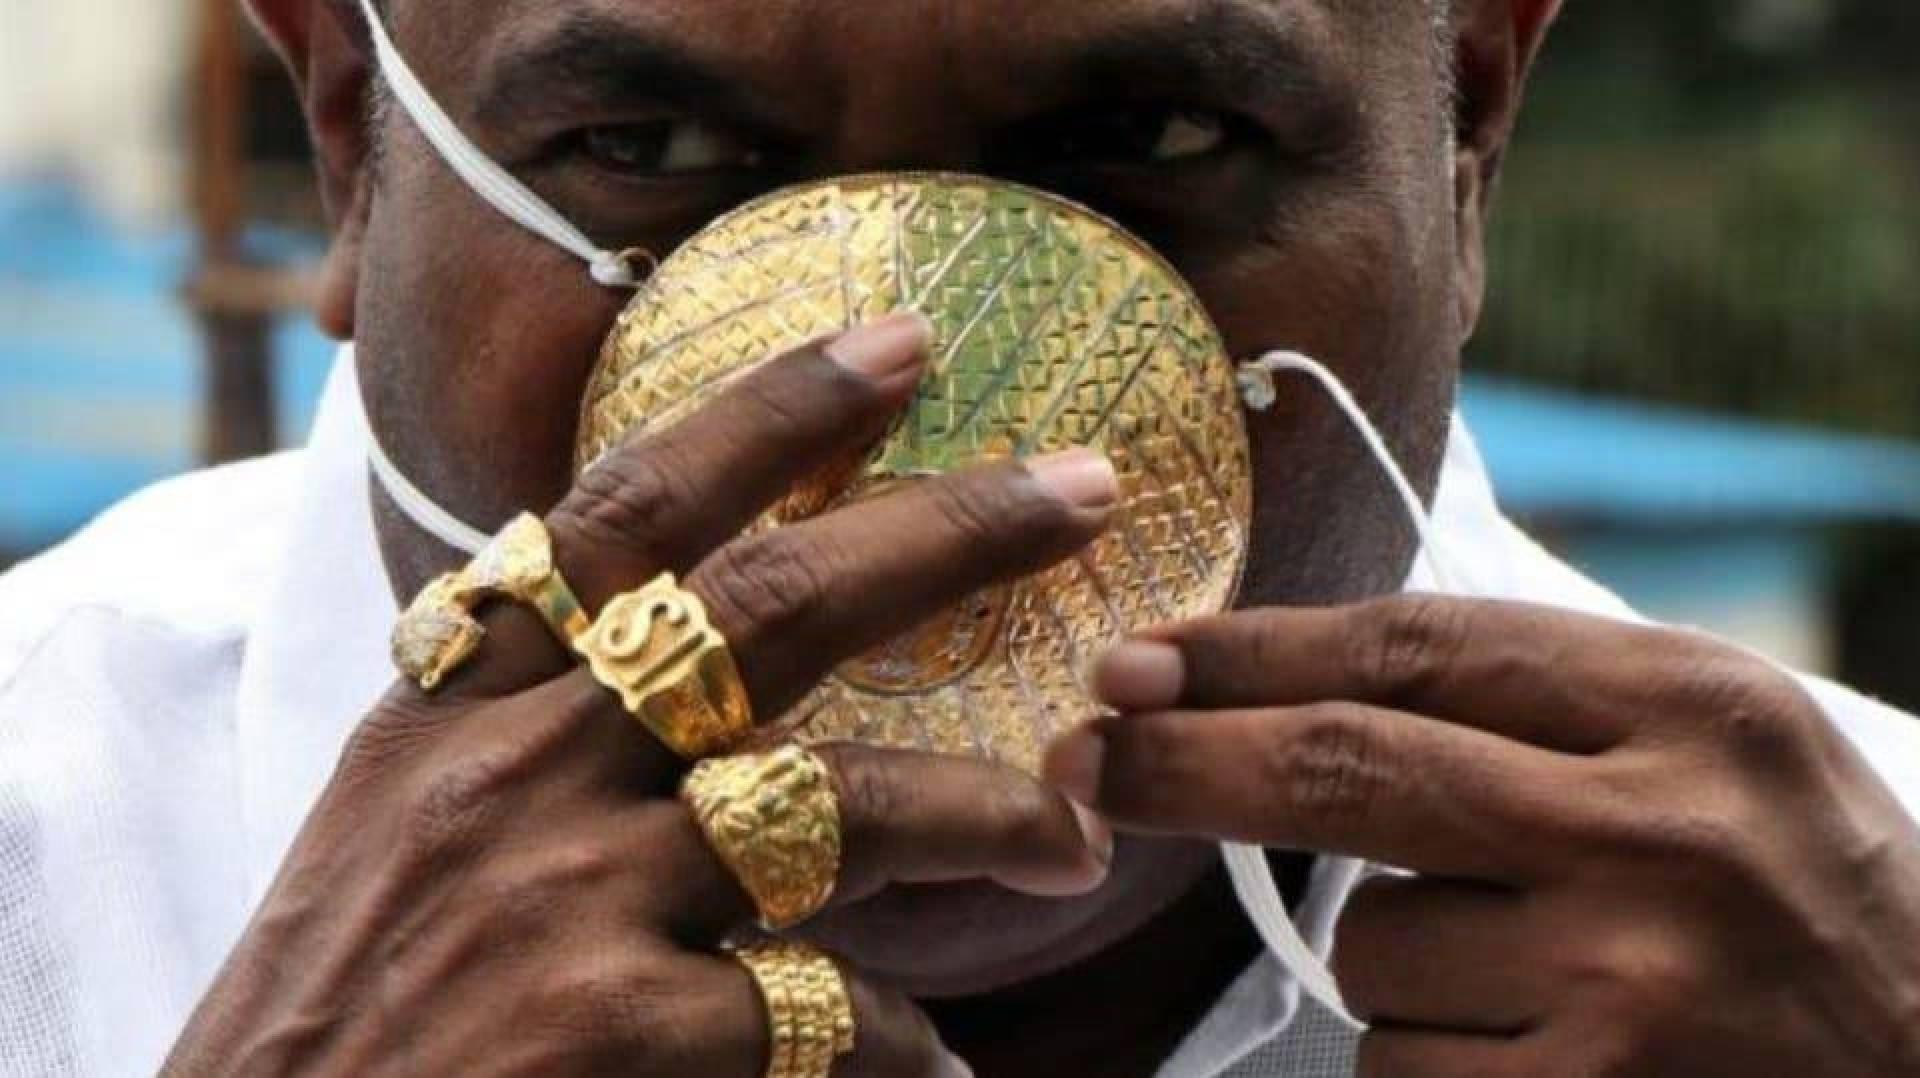 هندي يضع كمامة ذهبية بقيمة أربعة آلاف دولار للوقاية من كورونا